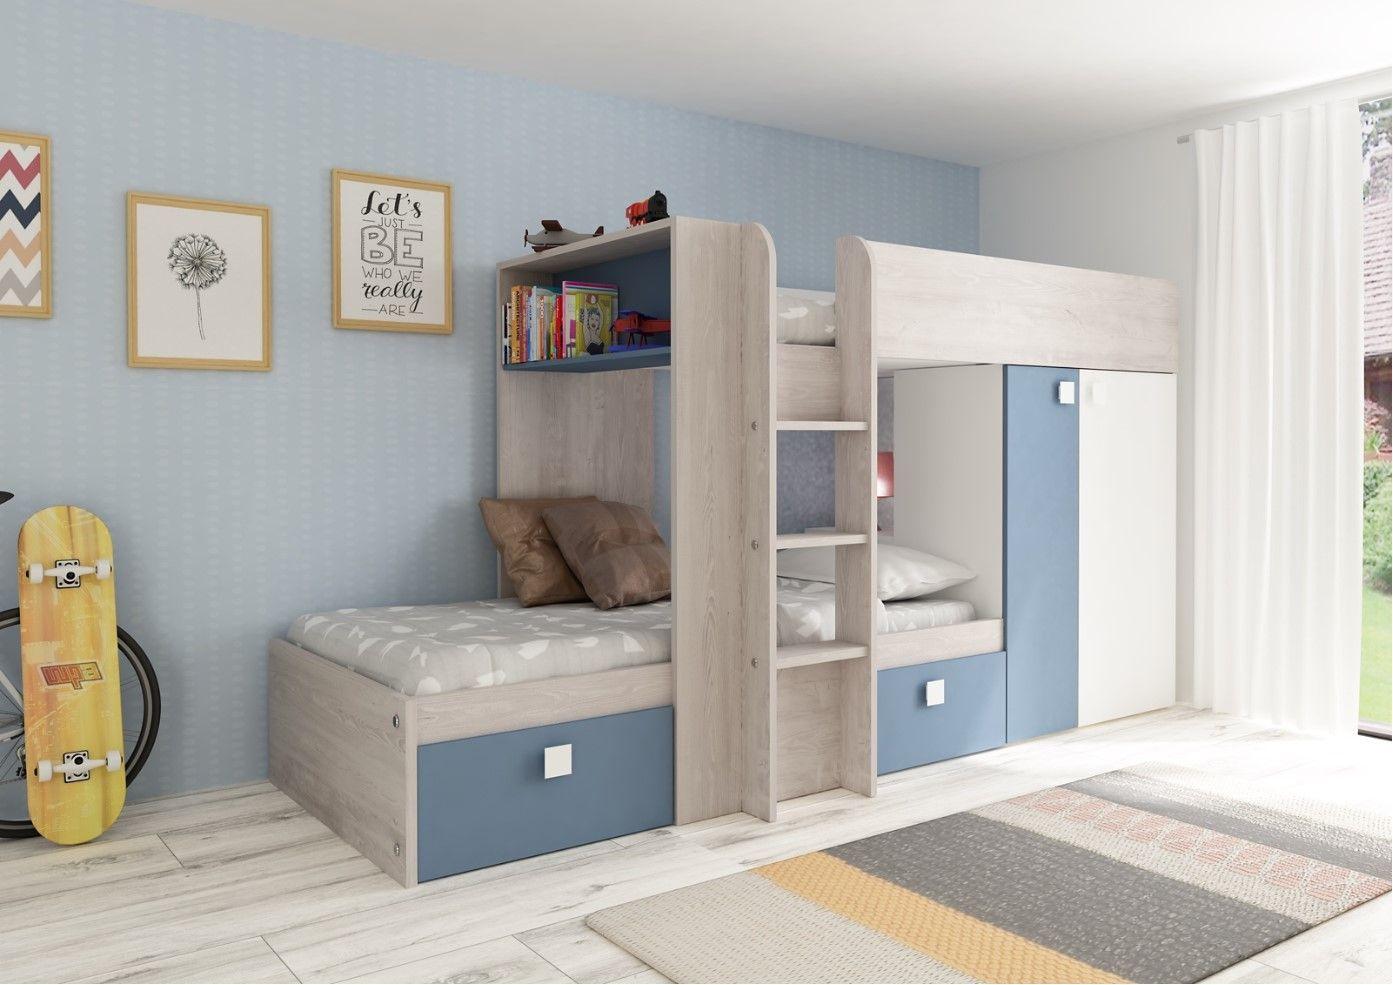 Set Etagenbett Julien : Kinderbett hochbett etagenbett julien 2x90x190cm limited edition